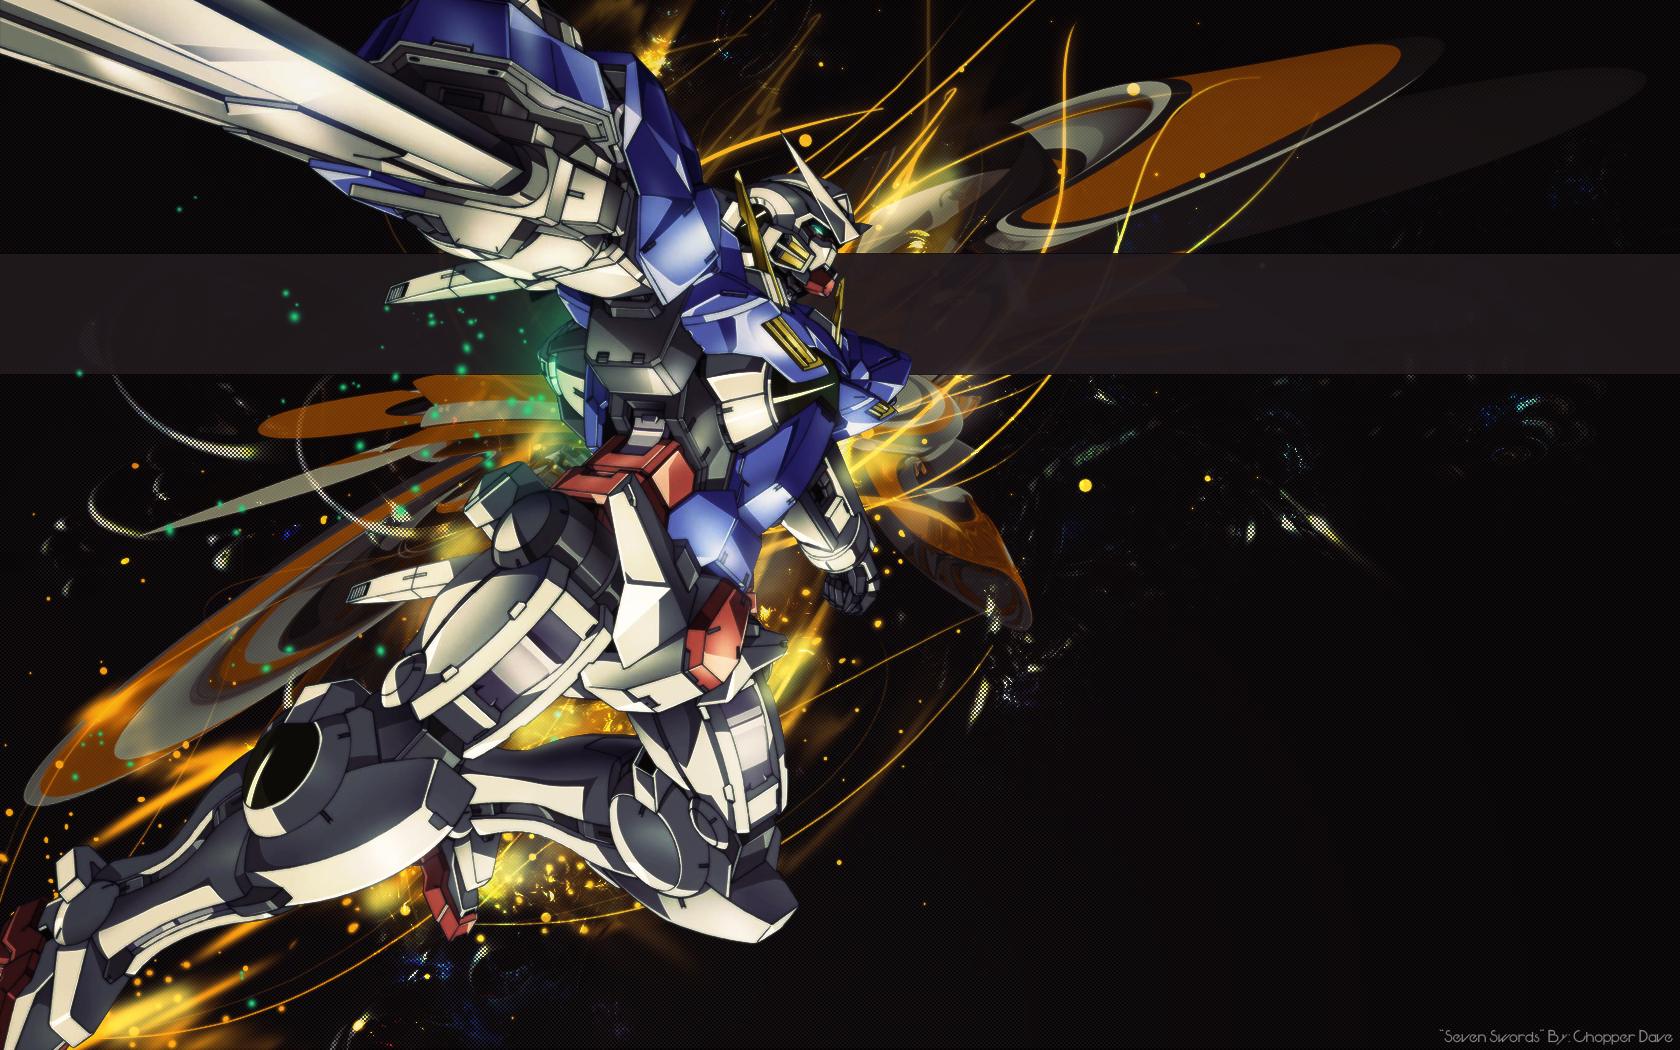 Gundam Computer Wallpapers Desktop Backgrounds 1680x1050 ID50788 1680x1050